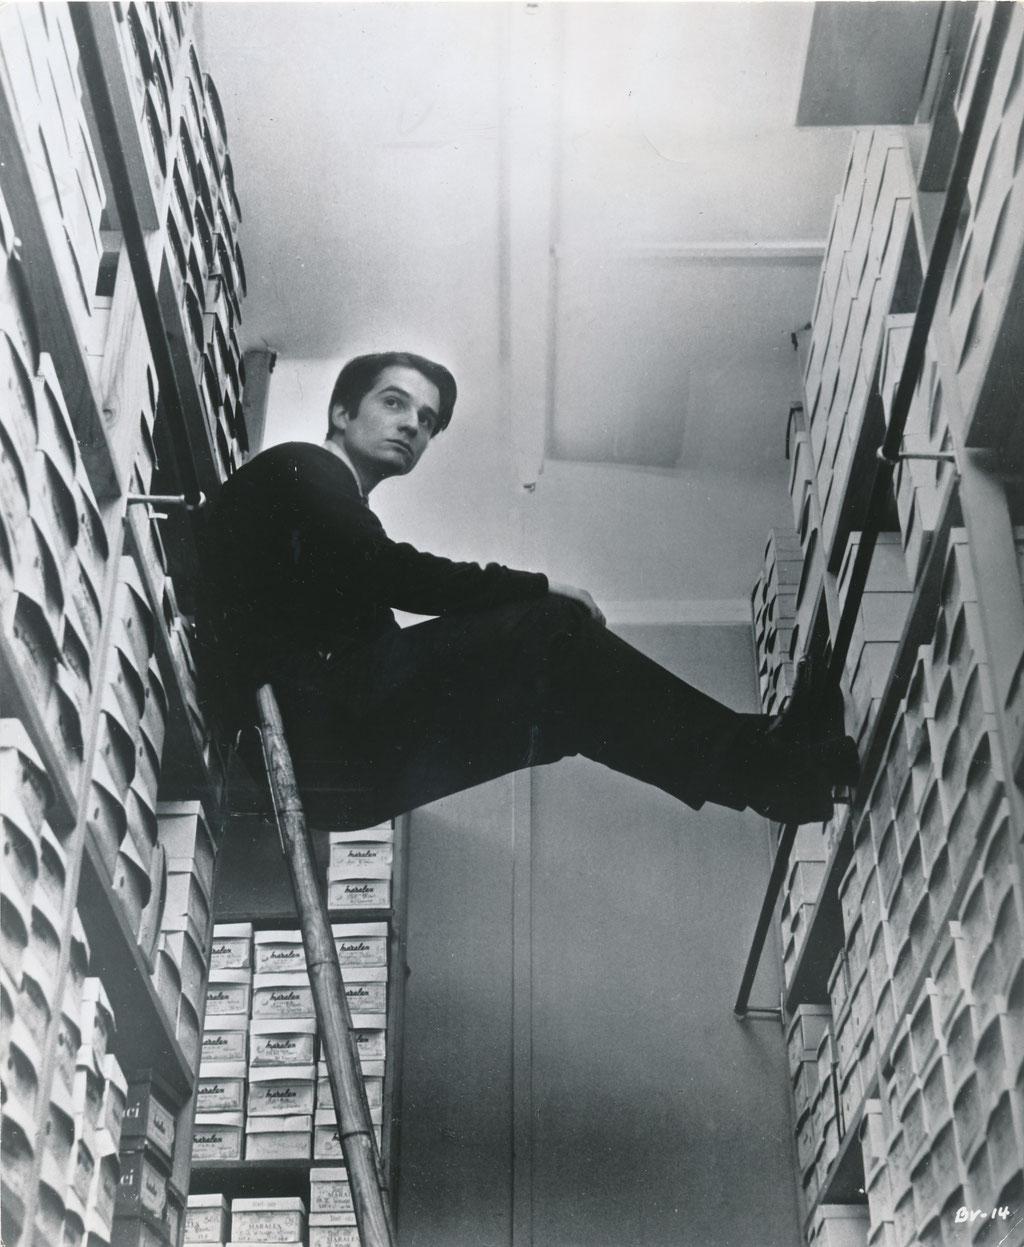 photo photographie époque tirage argentique Jean Pierre Leaud